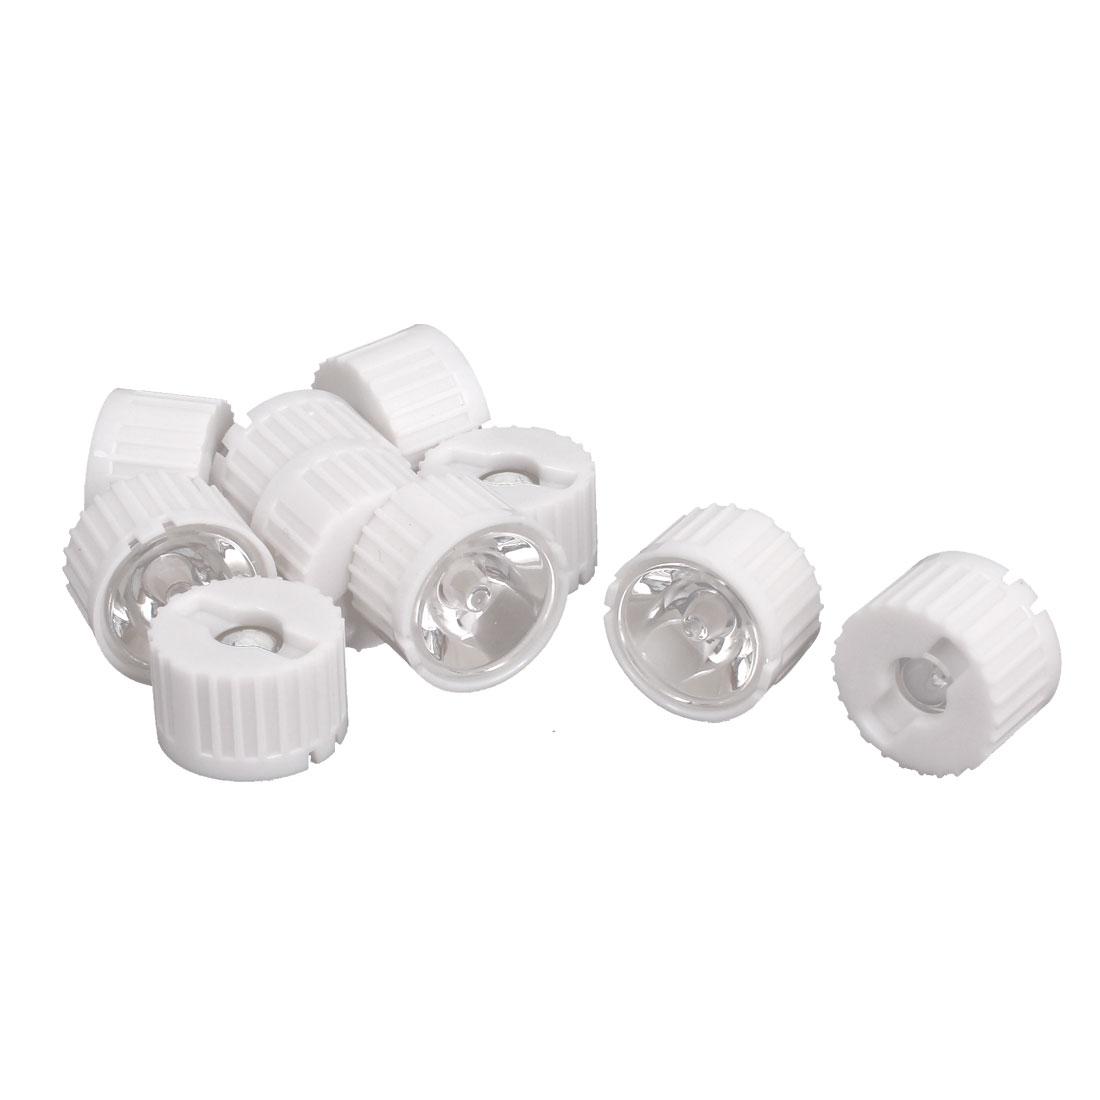 10 Pcs 10 Degree View Angle Condenser Light LED Optical Lens w White Holder